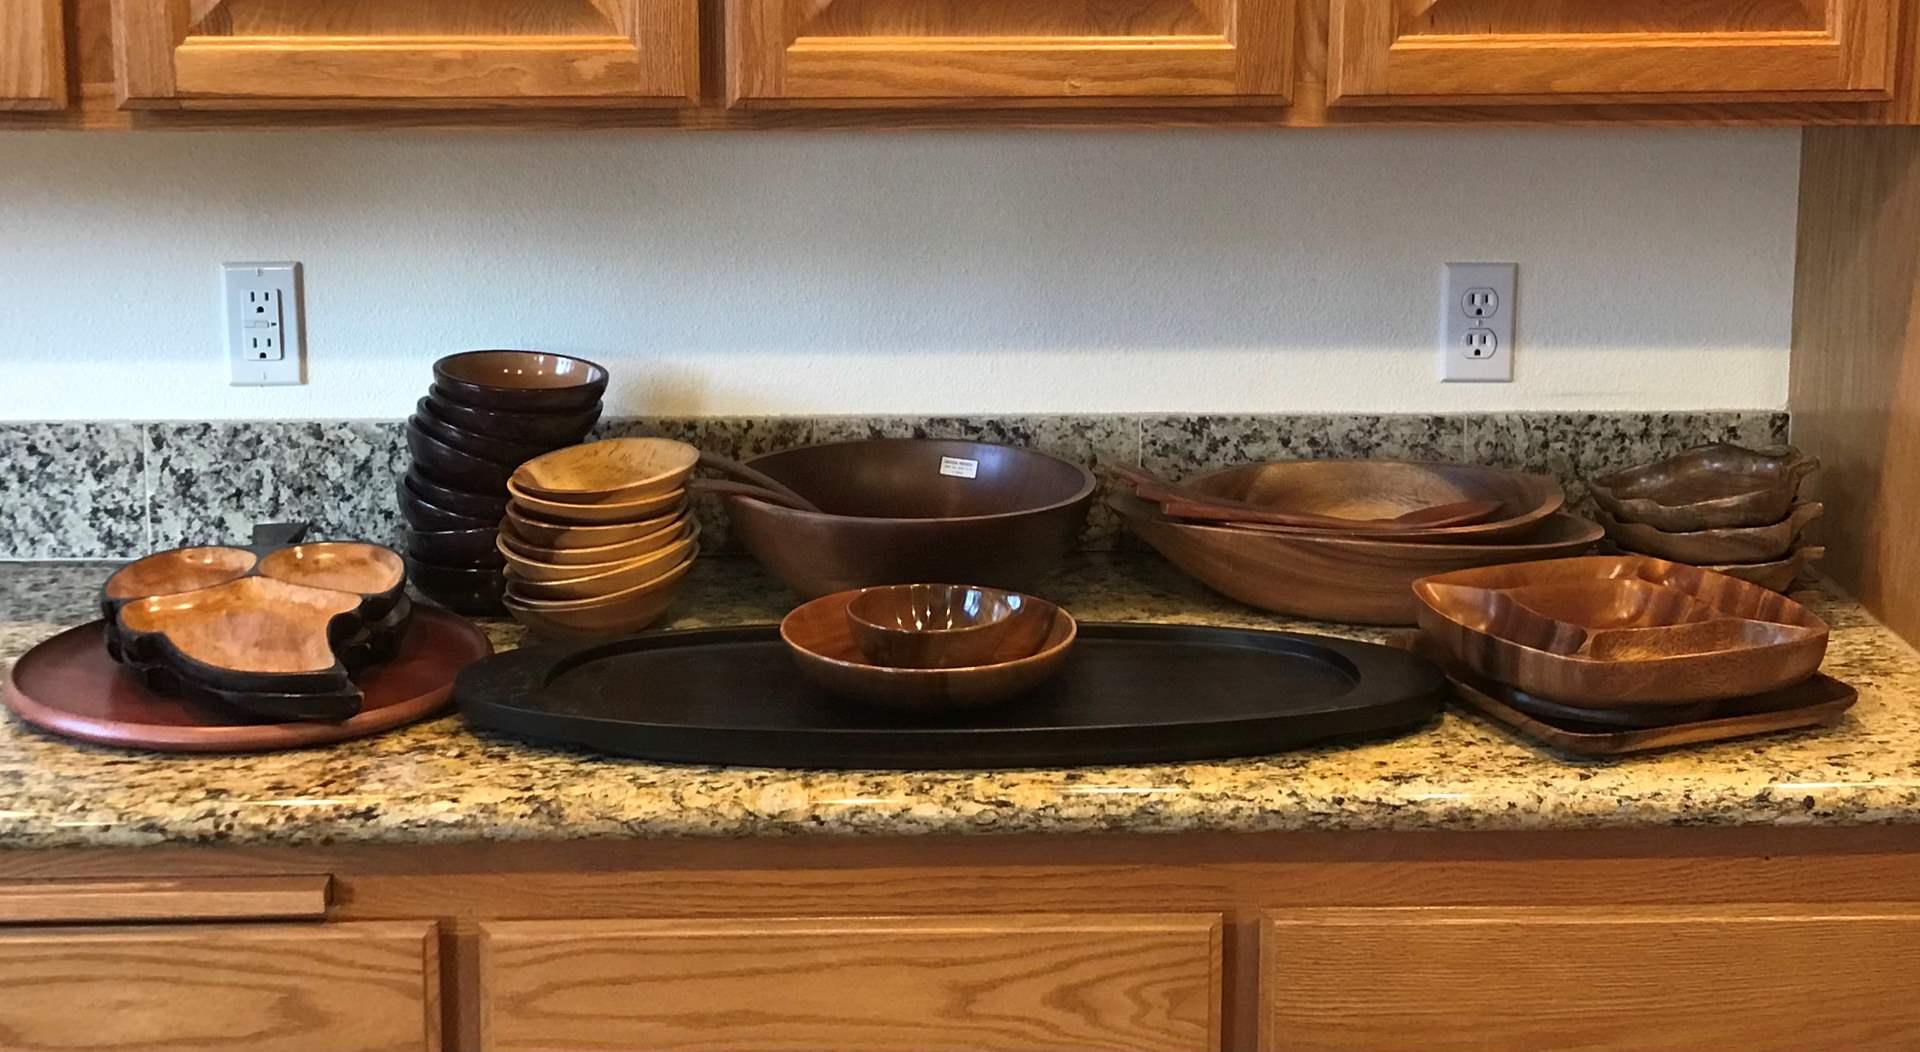 Lot # 77 - Wood Items: Salad Bowls, Serving Platters, Small Bowls (main image)